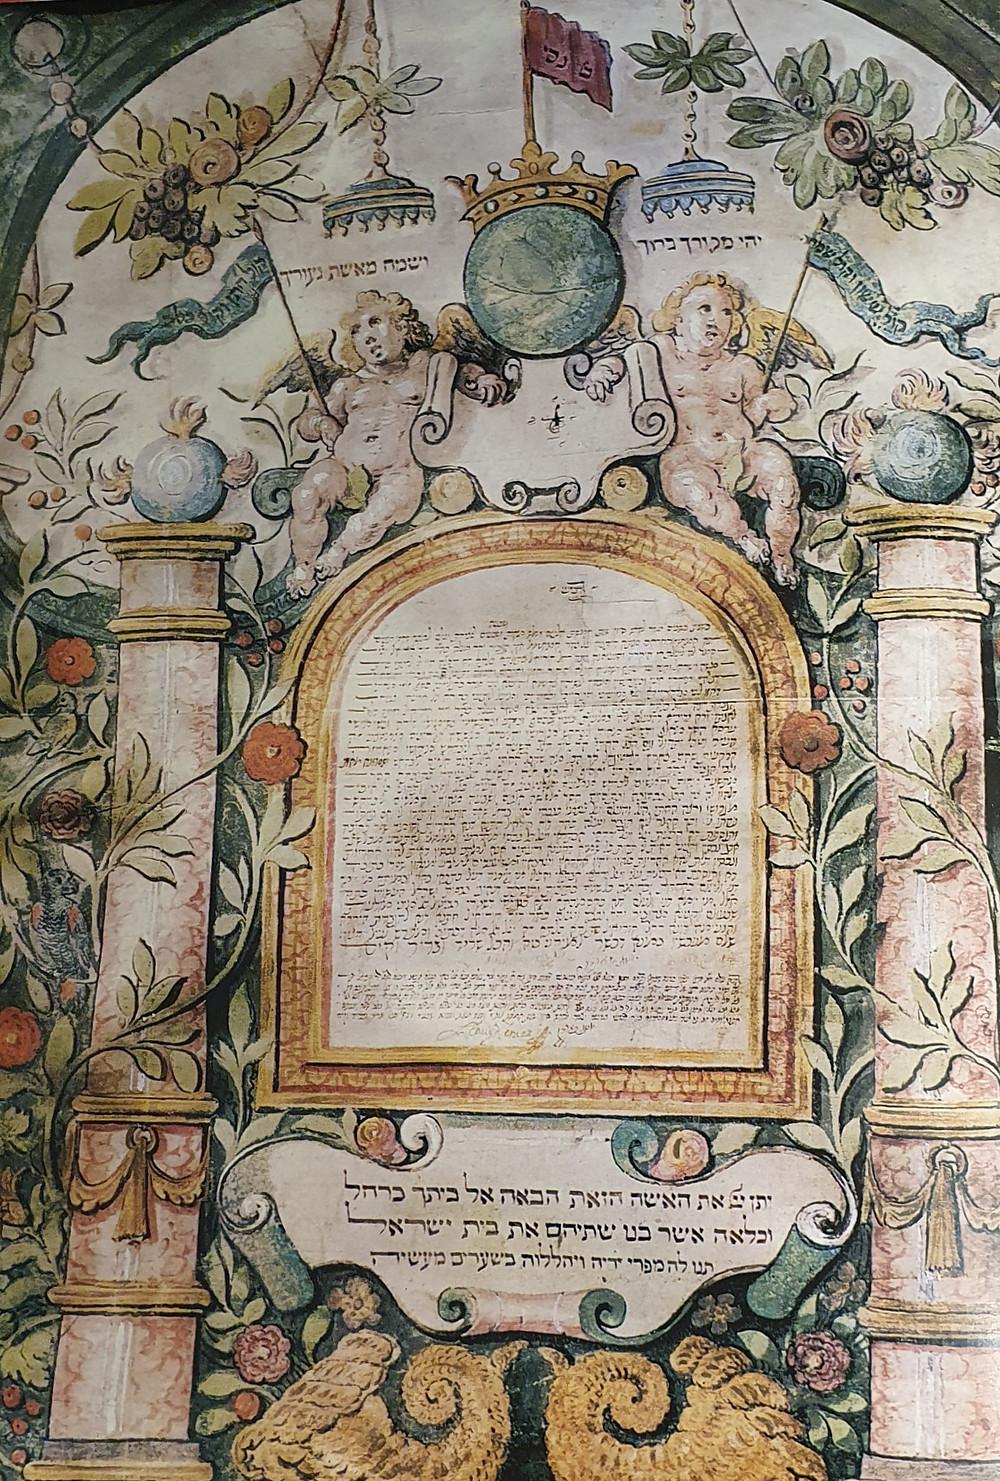 """כתובה עתיקה מאמסטרדם, 1617. 61X48 ס""""מ. אוסף יוסף שטיגליץ, תל אביב. הכתובה מאוד מפוארת, צבועה בצבעים של ירוק עם גוונים של אדום. מתארים בה שני מלאכים המחזיקים שני דגלים עם הכיתוב: """"קול ששון וקול שמחה"""" """"קול חתן וקול כלה"""". זוהי כתובה שנעשתה לבני הזוג דוד ורחל קוריאל."""